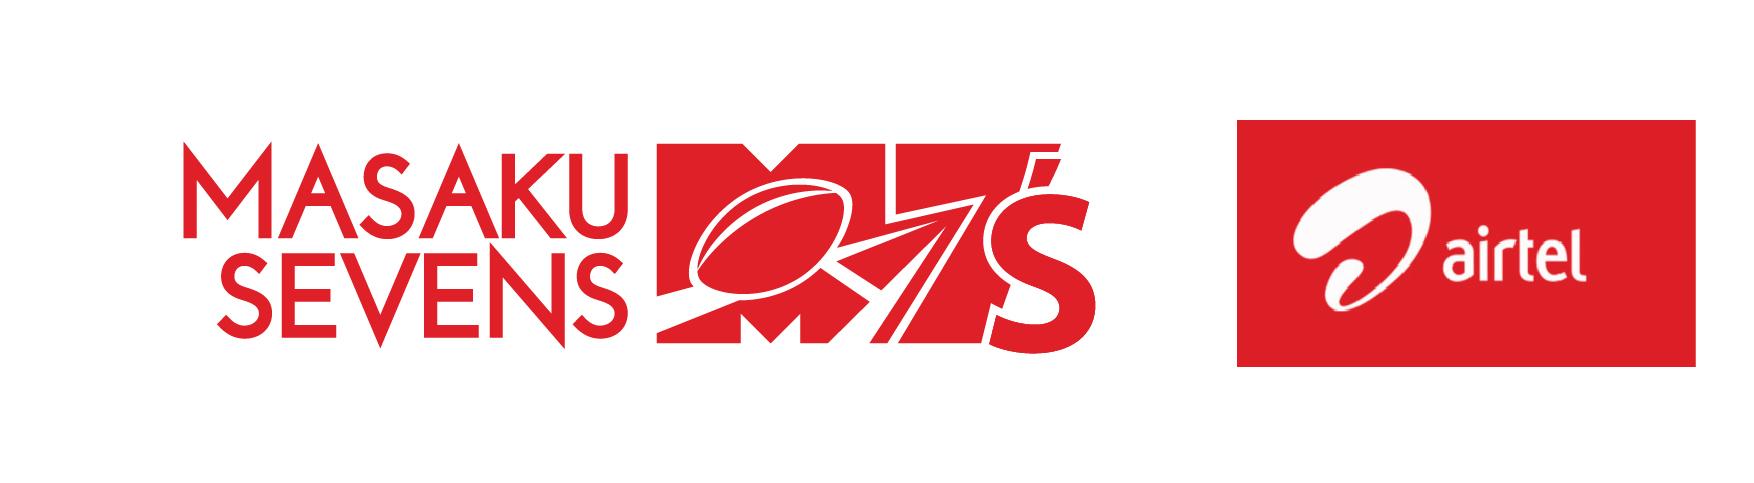 Masaku Sevens Logo 1-03